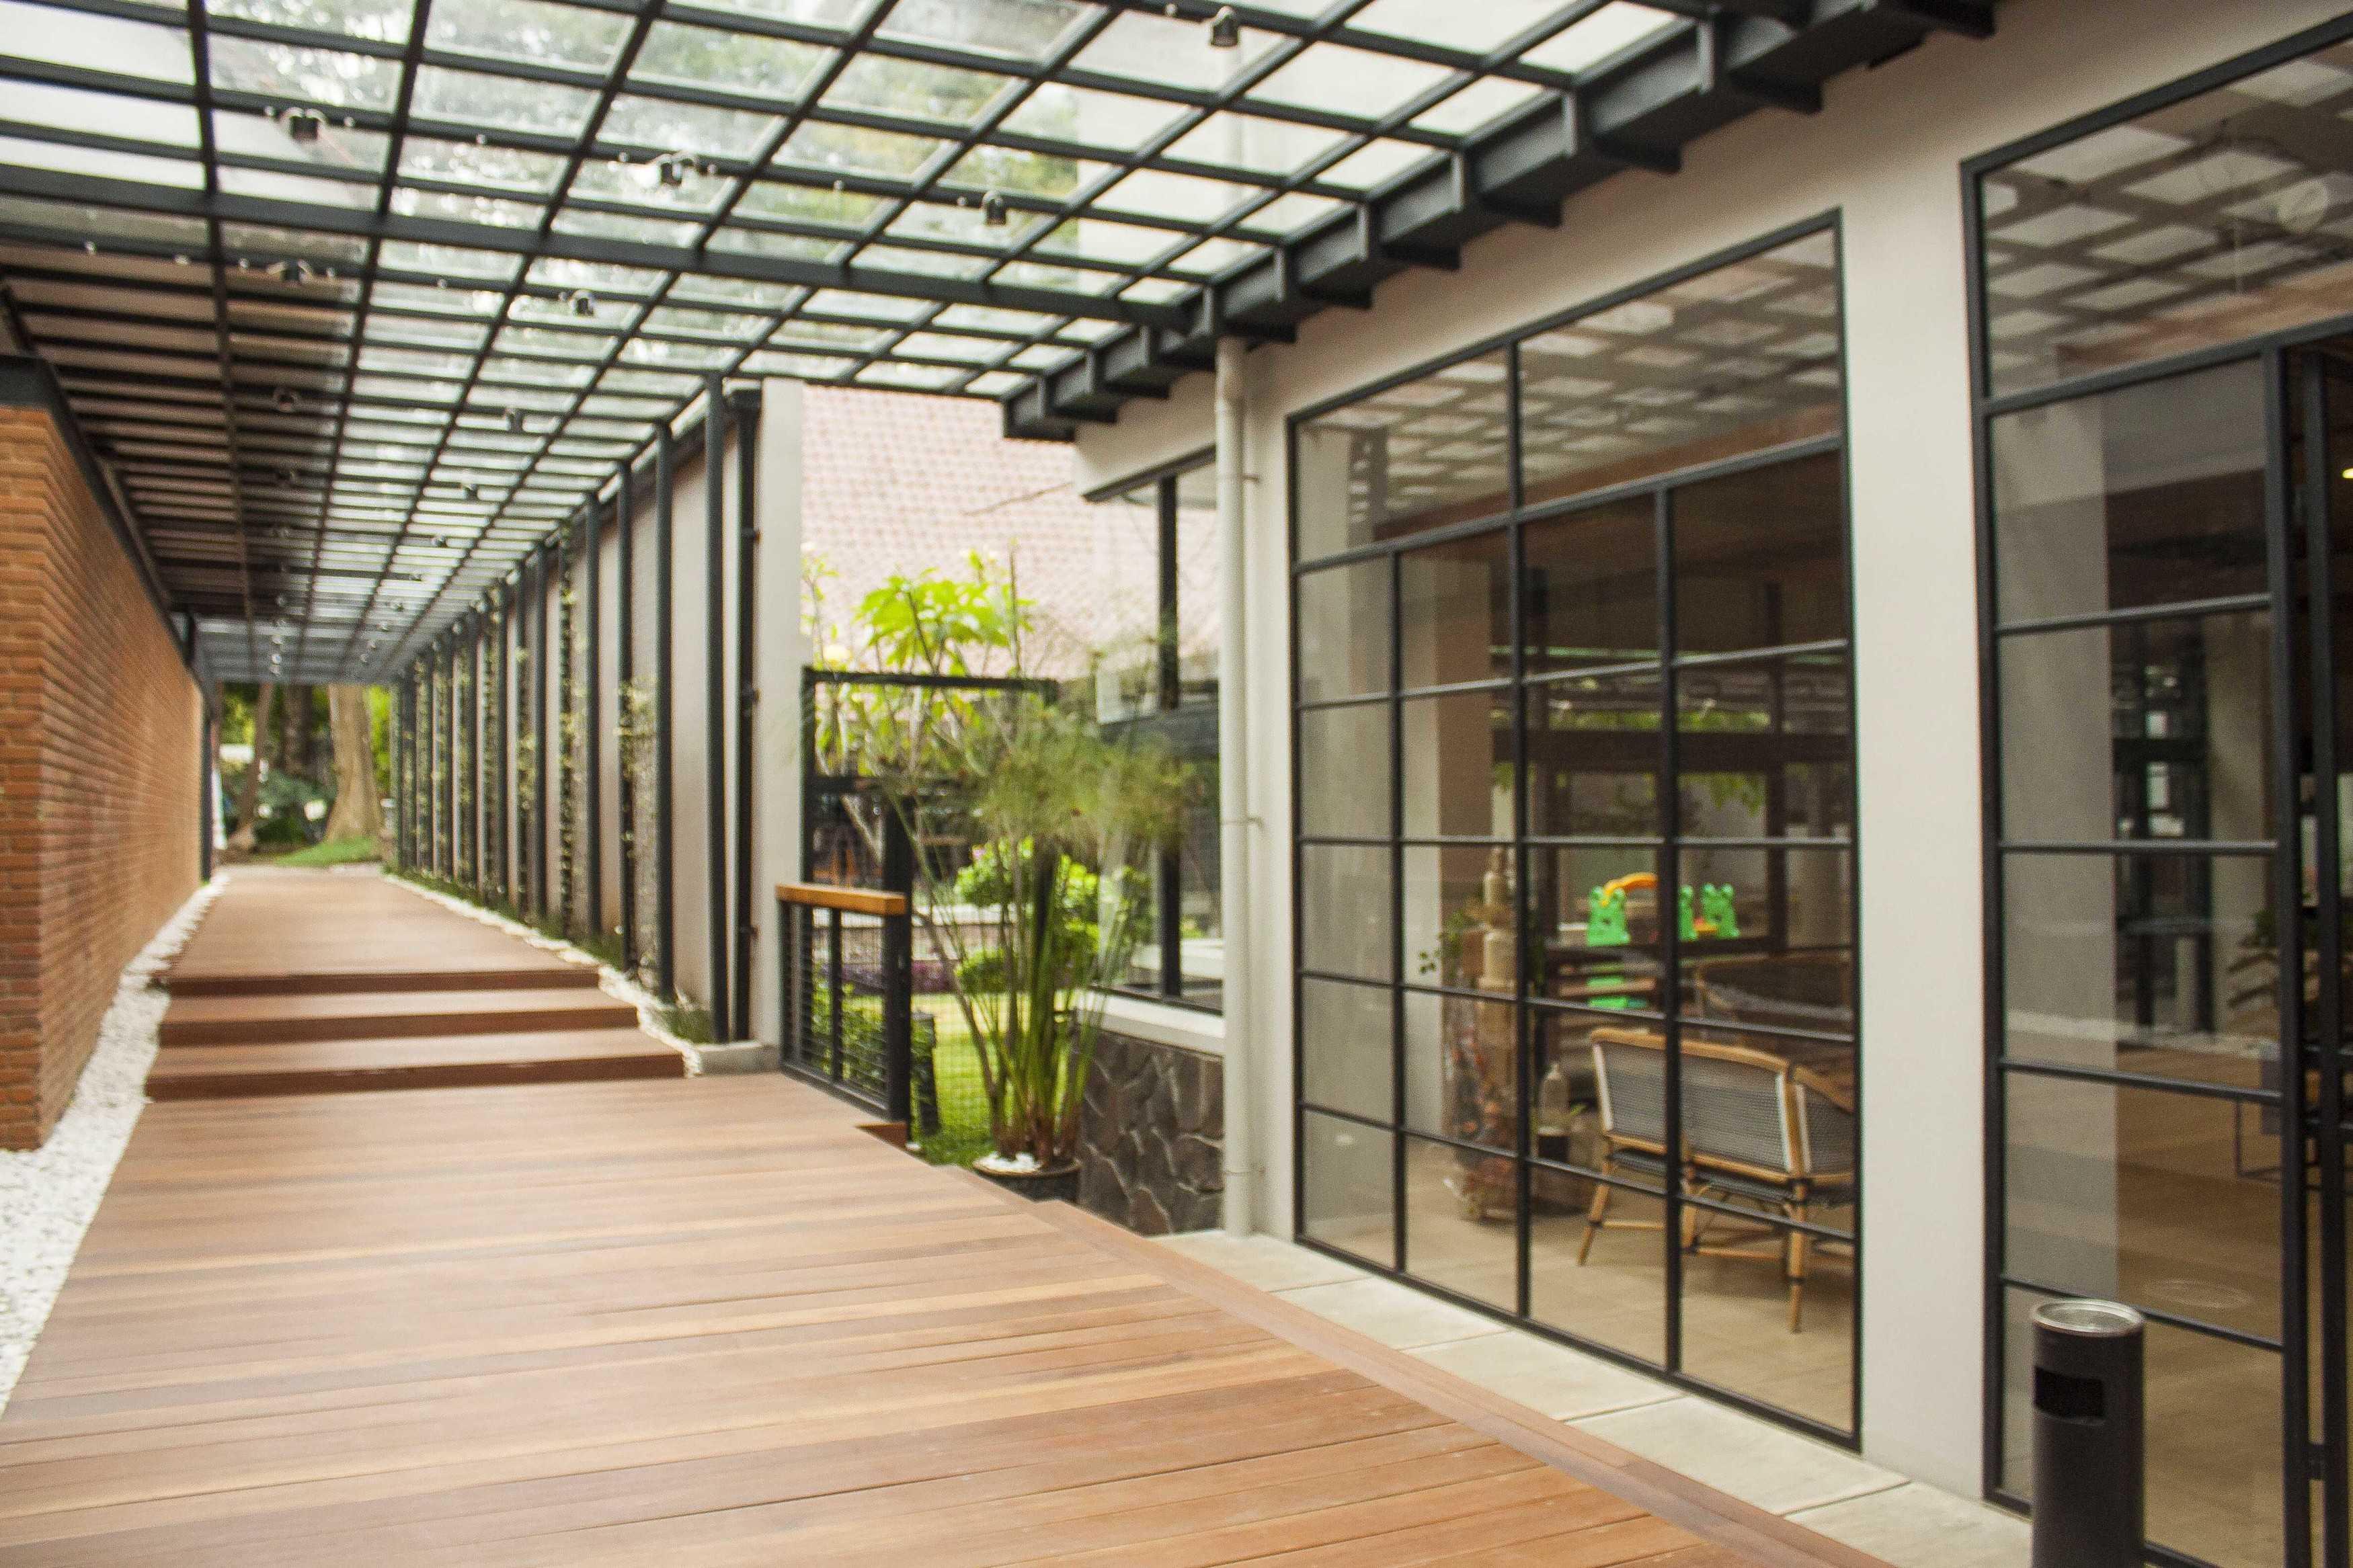 Januar Senjaya & Filani Limansyah / Addo Architecture Beehive Boutique Hotel Bandung, West Java, Indonesia Bandung, West Java, Indonesia Corridor Hotel   9710